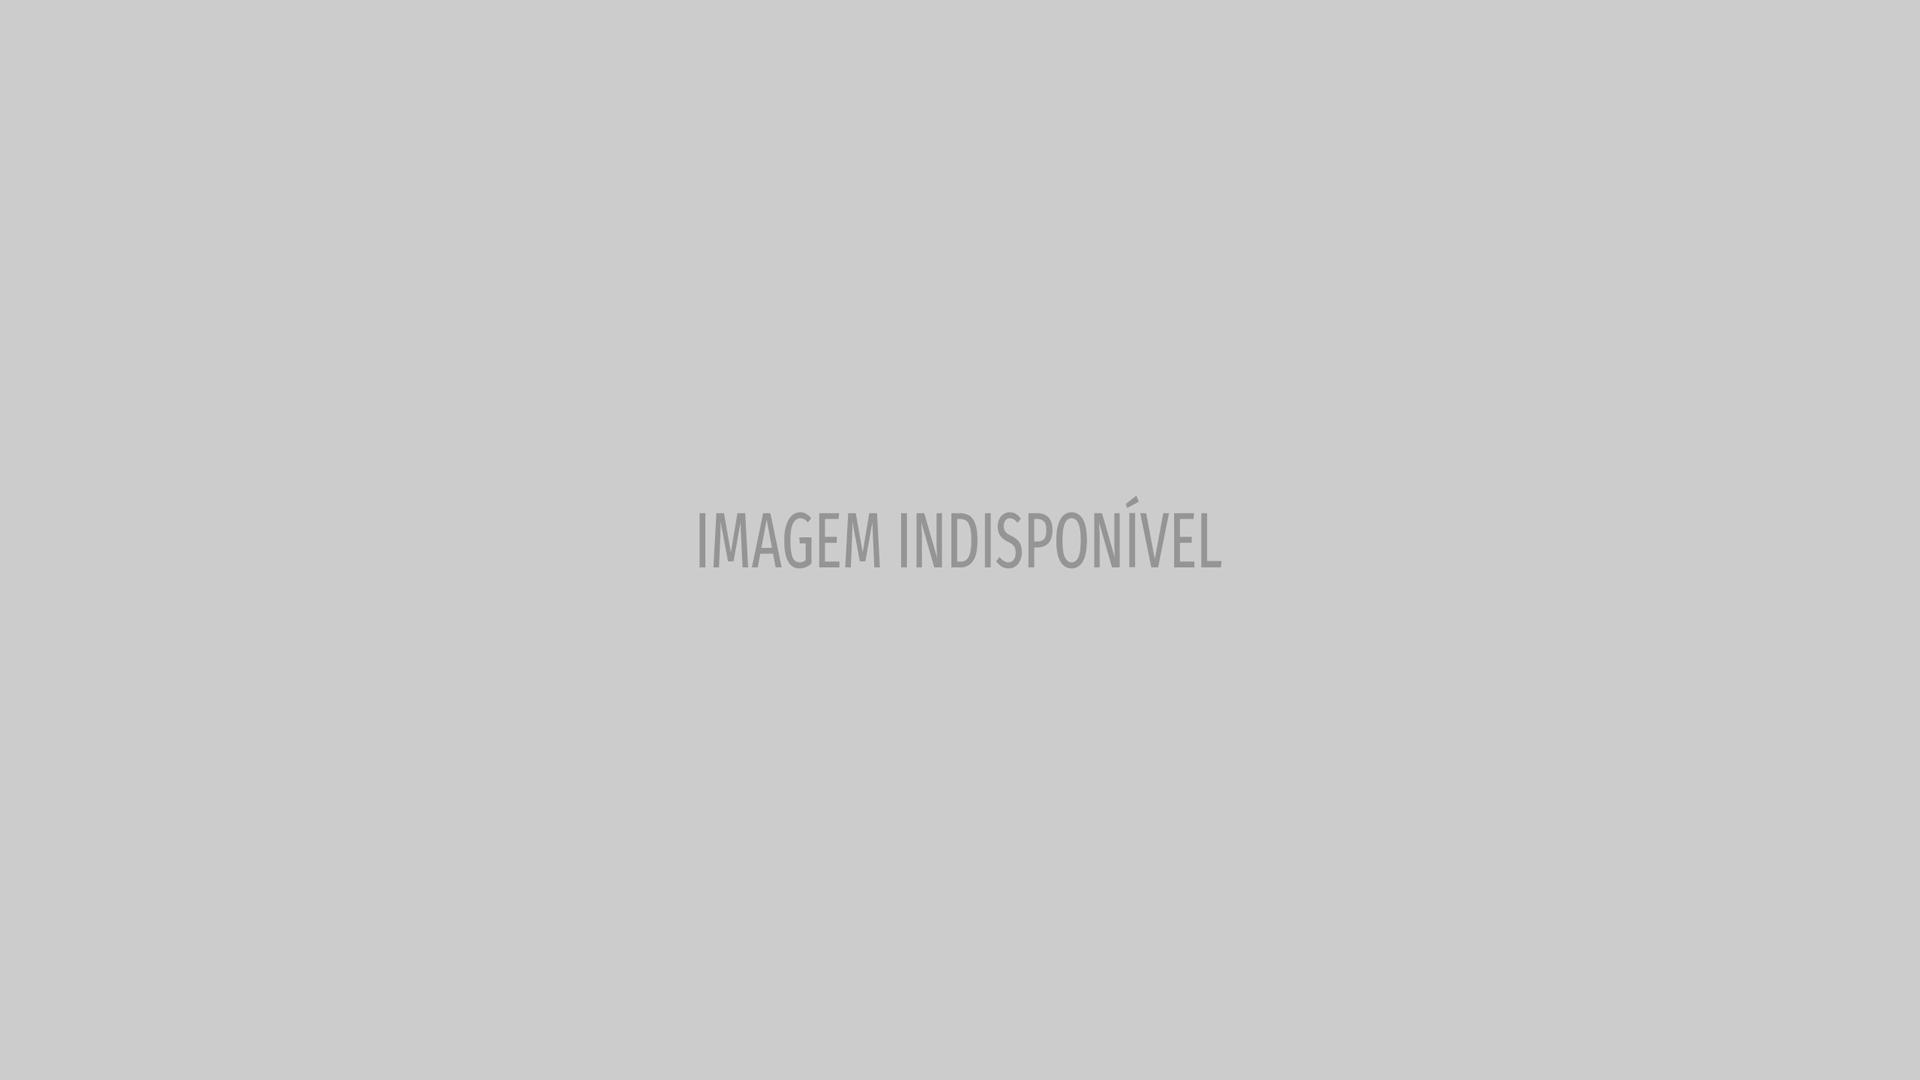 Indignada, Luana denuncia 'conspiração' política: 'Ninguém será preso'